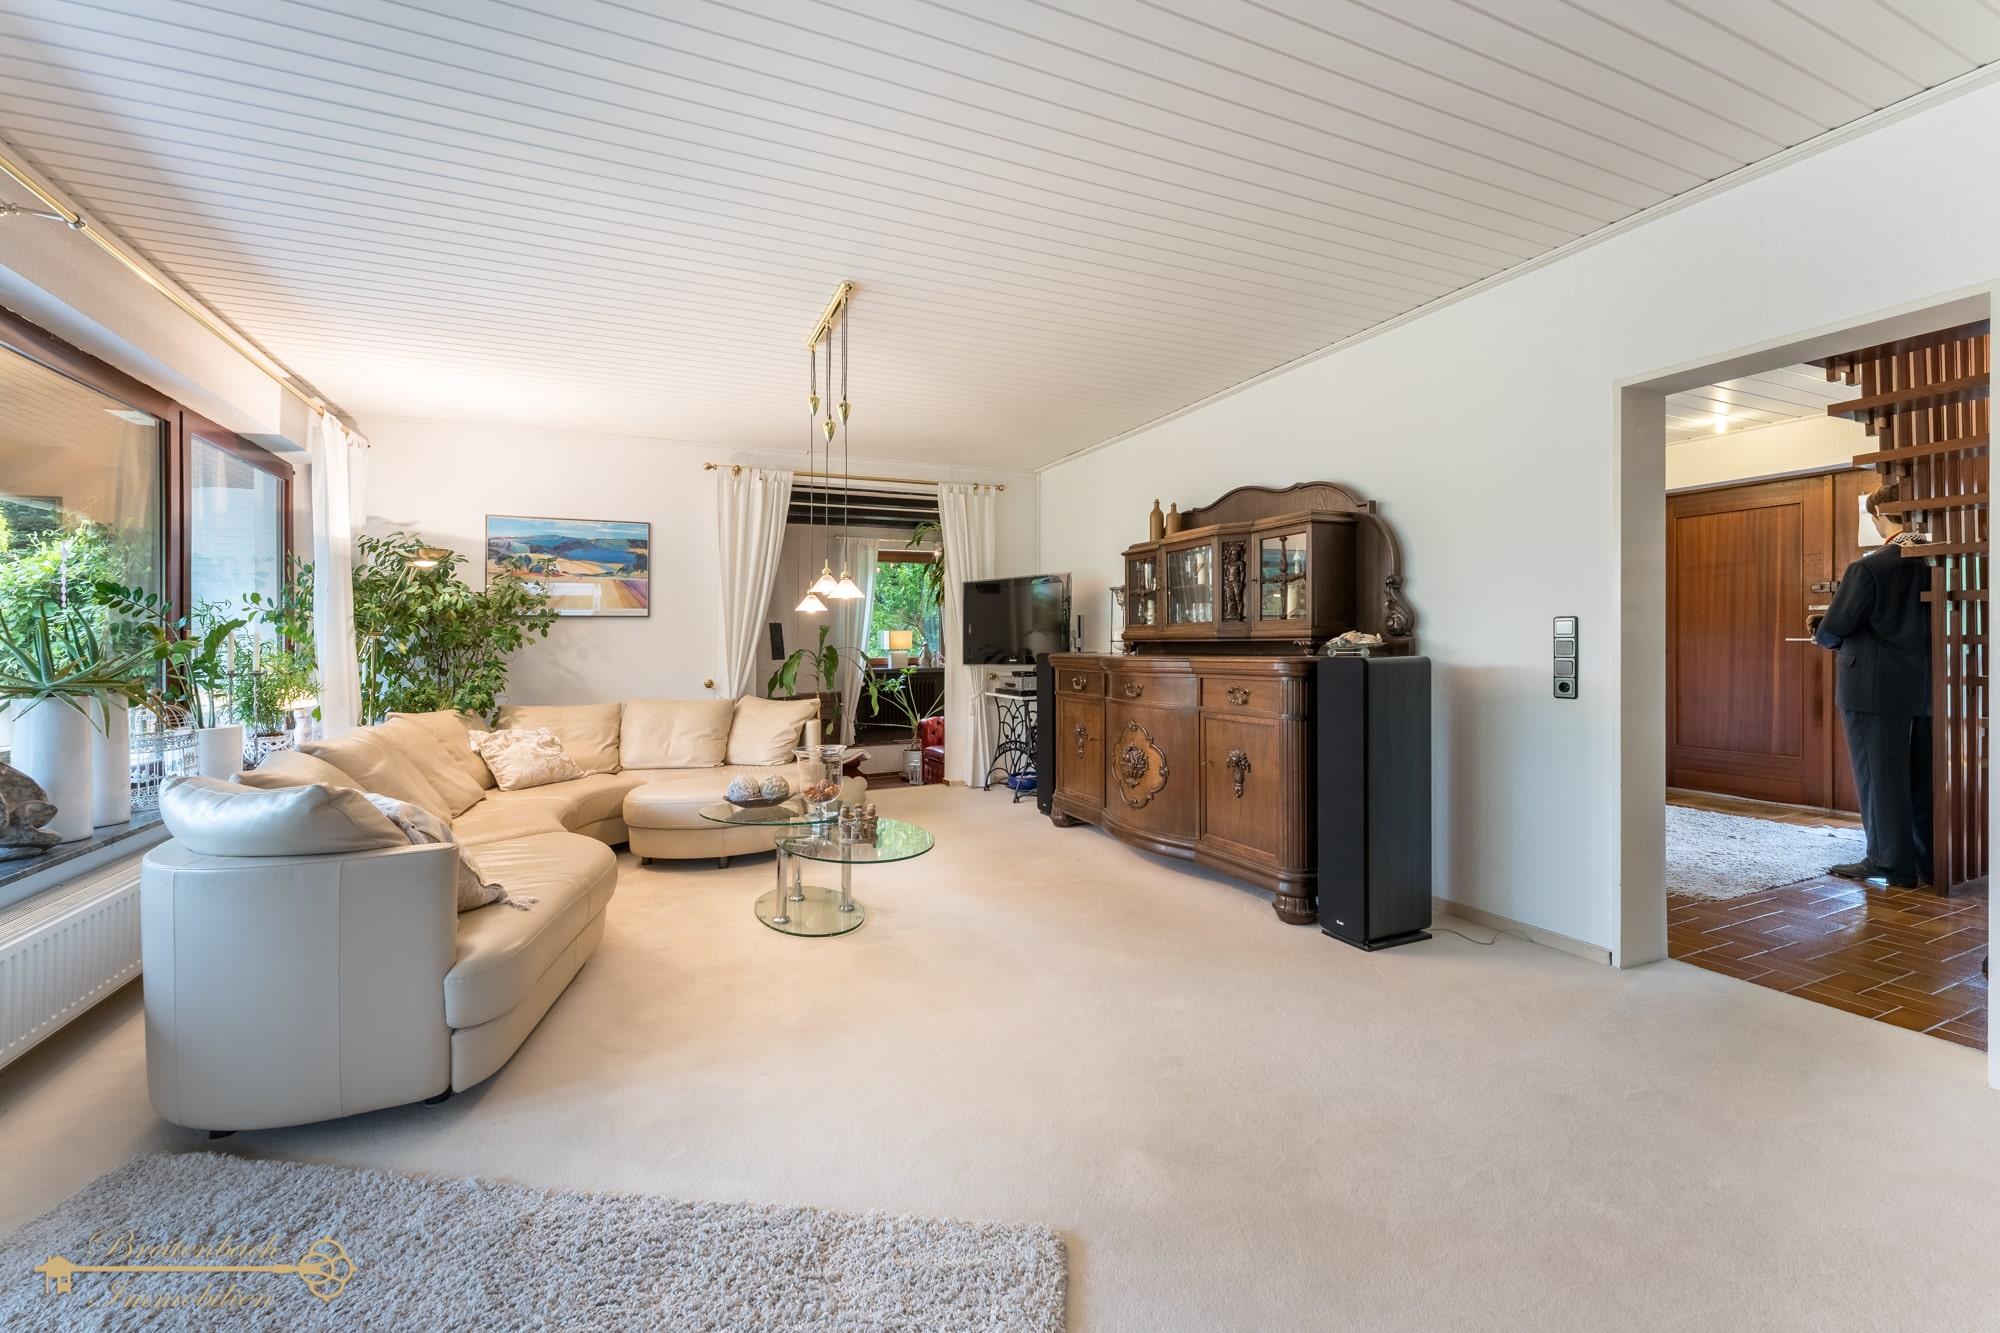 2021-07-23-Breitenbach-Immobilien-Makler-Bremen-8-min